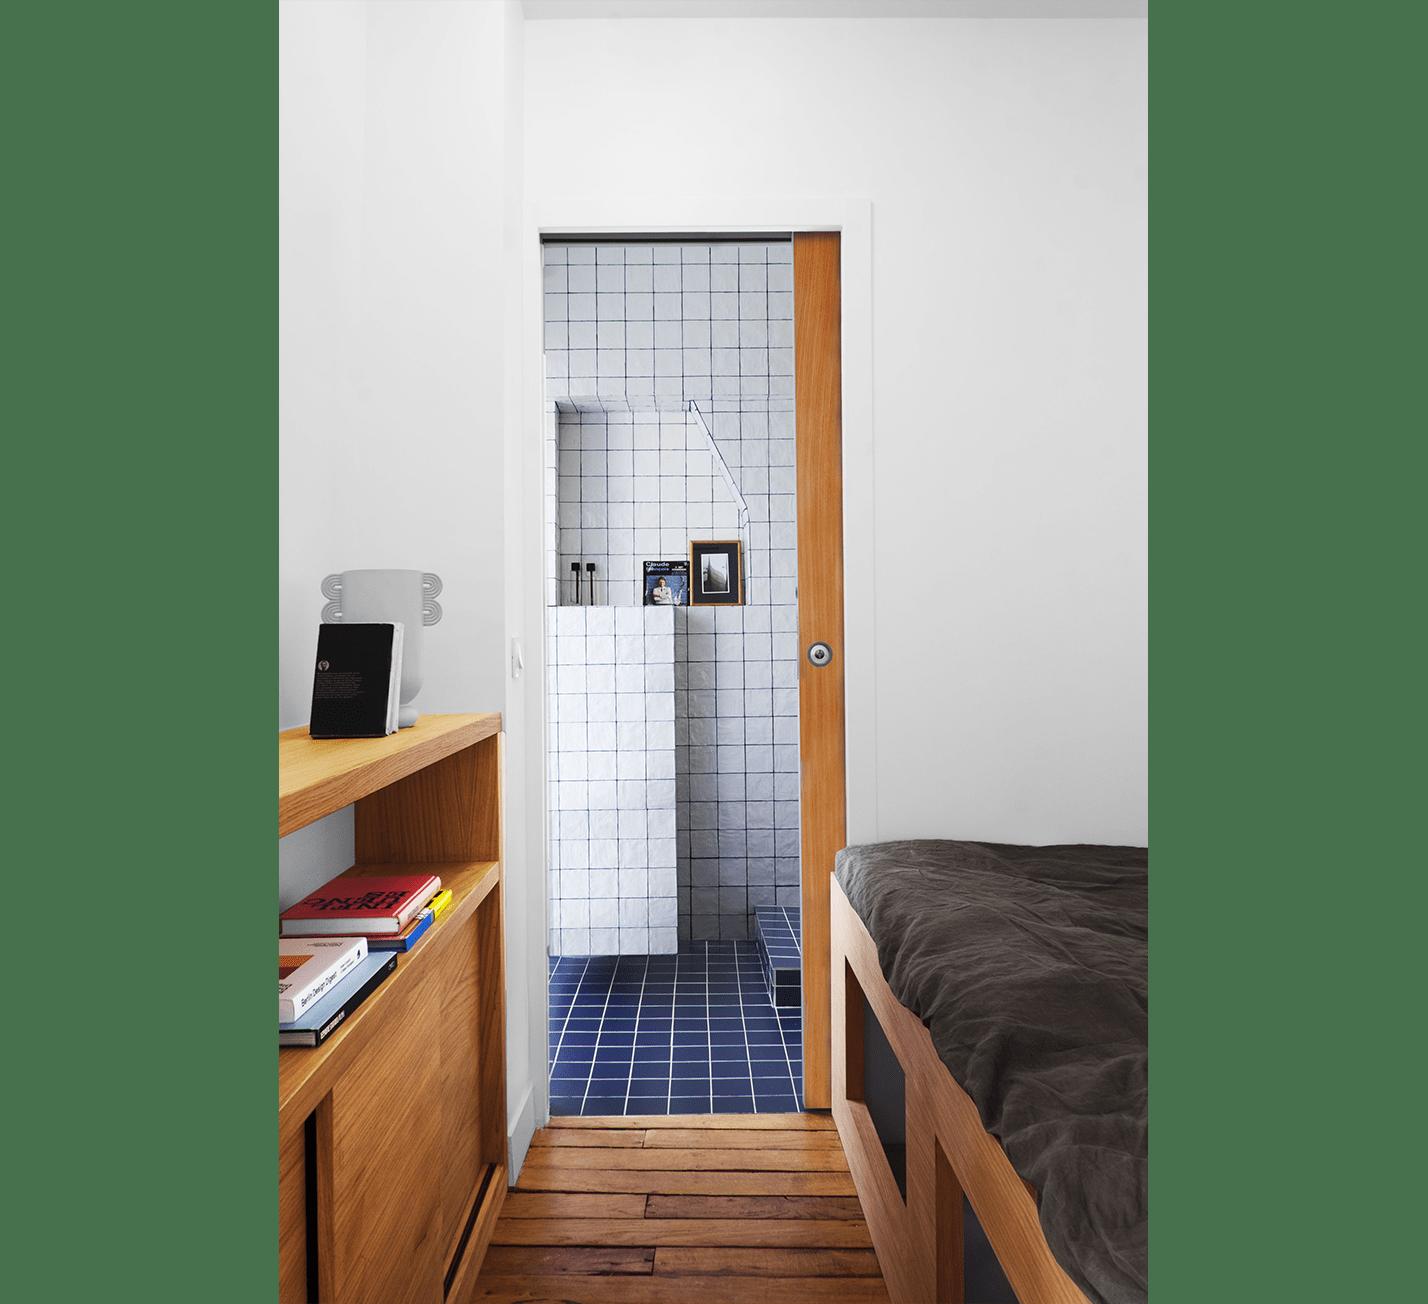 Projet-Montmartre-Atelier-Steve-Pauline-Borgia-Architecture-interieur-09-min